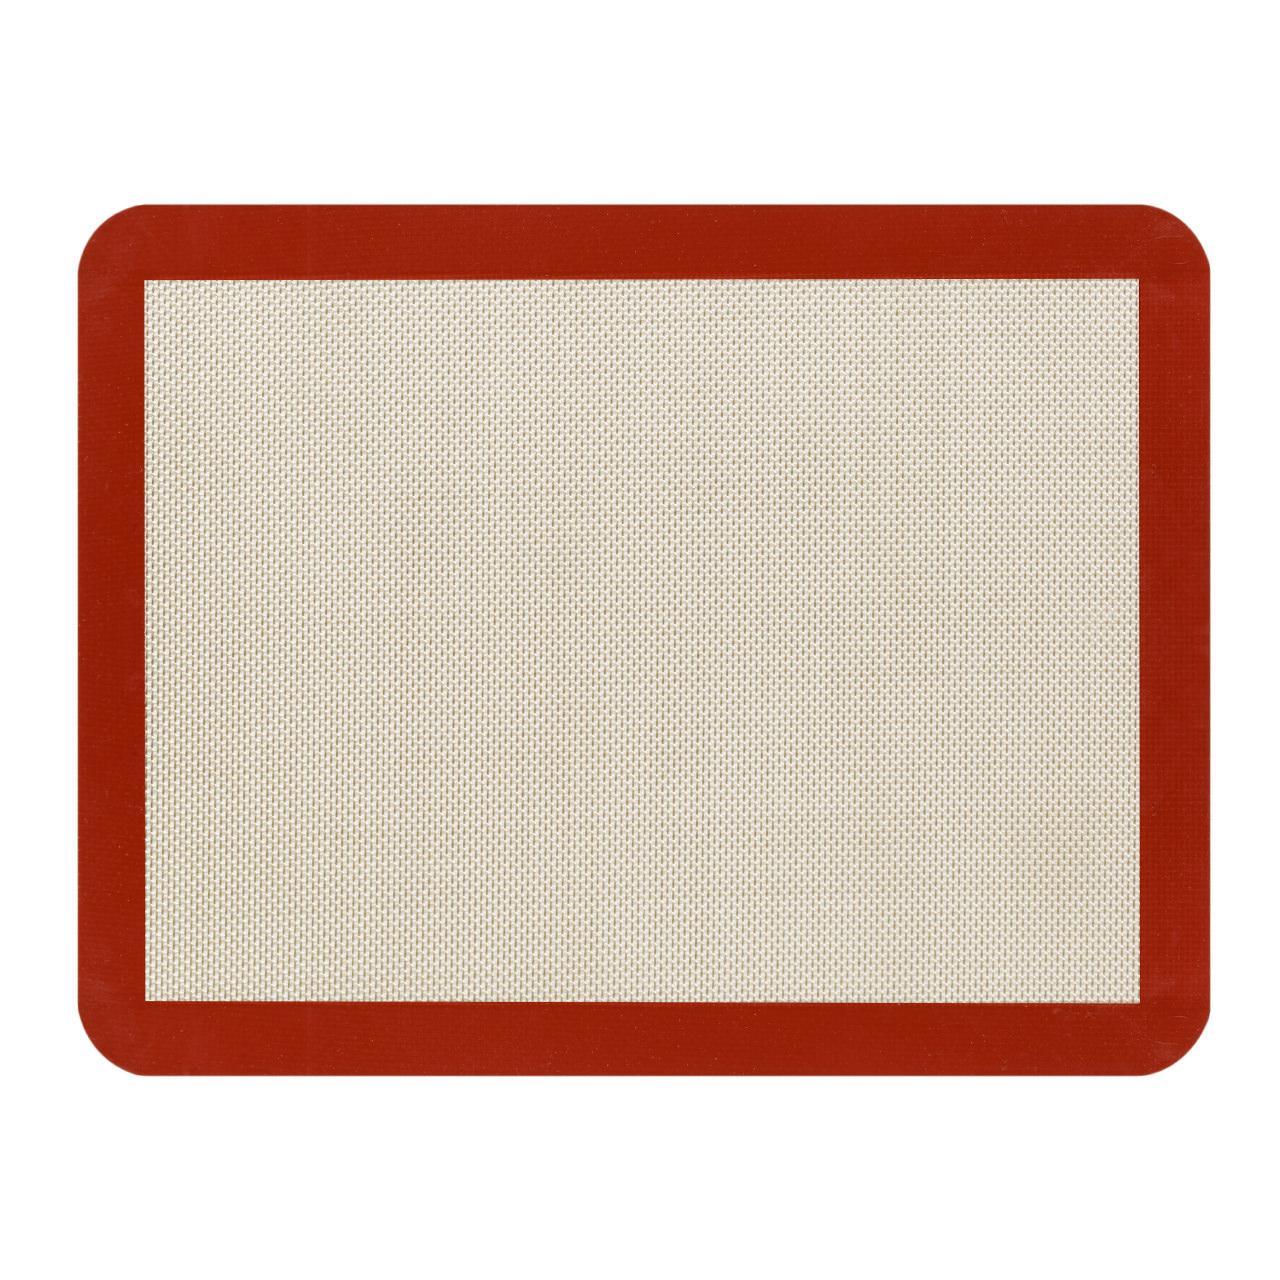 Силиконовый коврик 60х80 см для выпечки